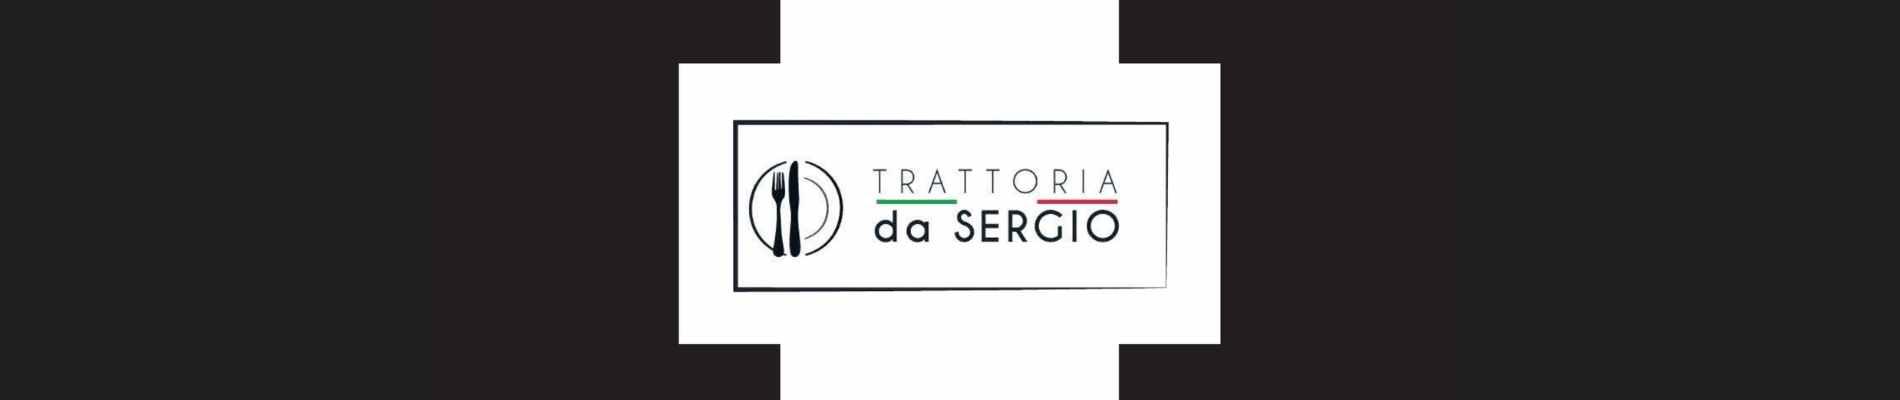 Restaurant Neumarkt Trattoria Da Sergio Oberölsbach Teaser